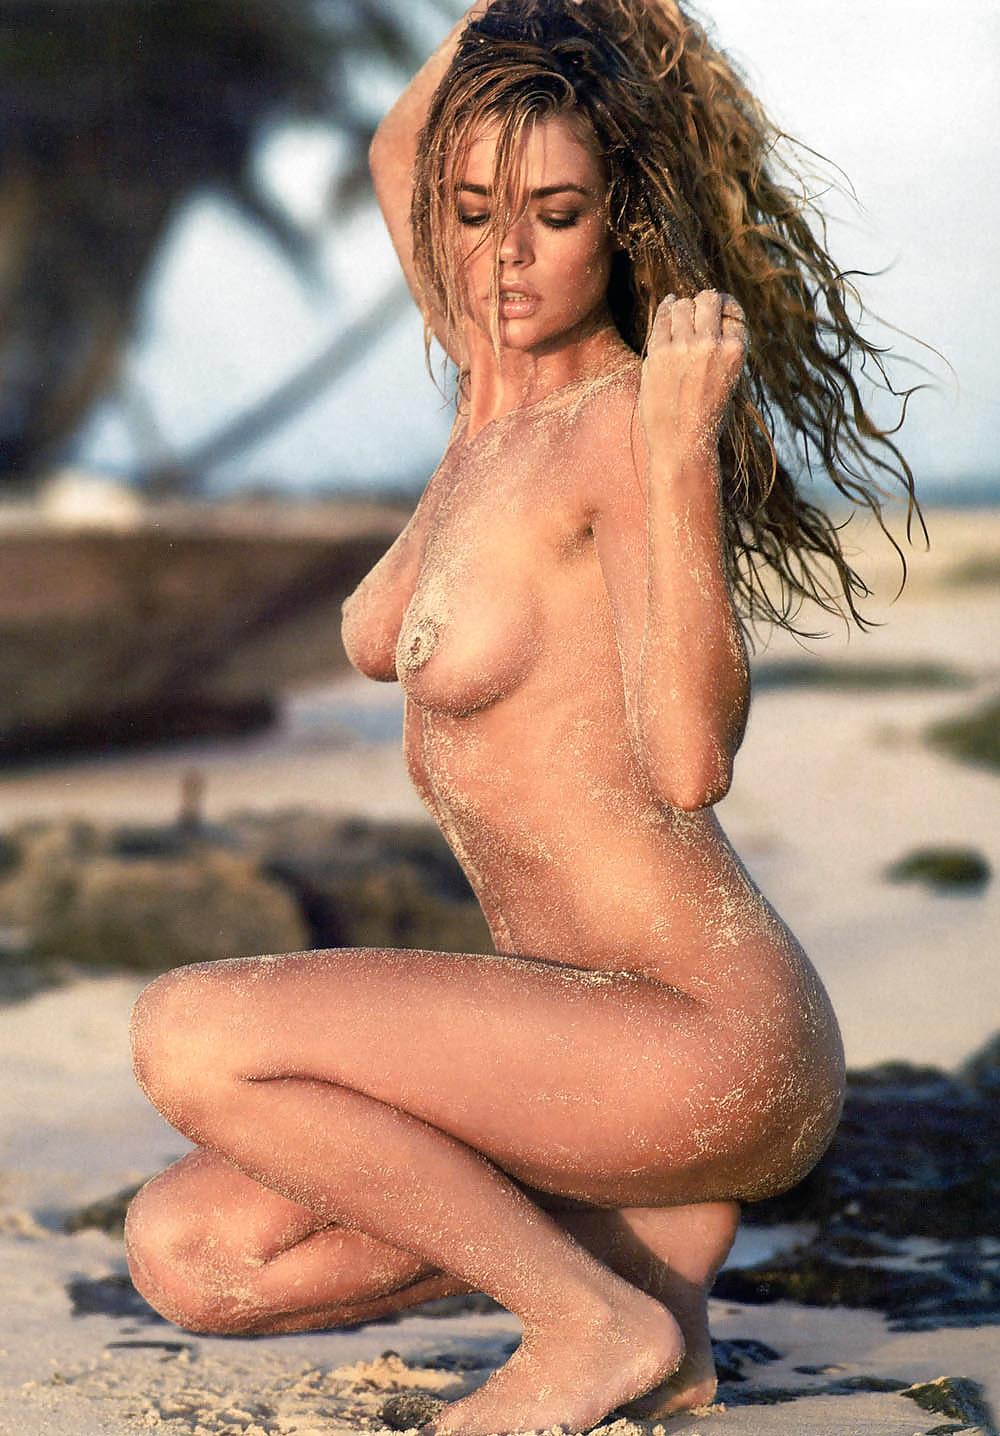 photos hot Denise richards